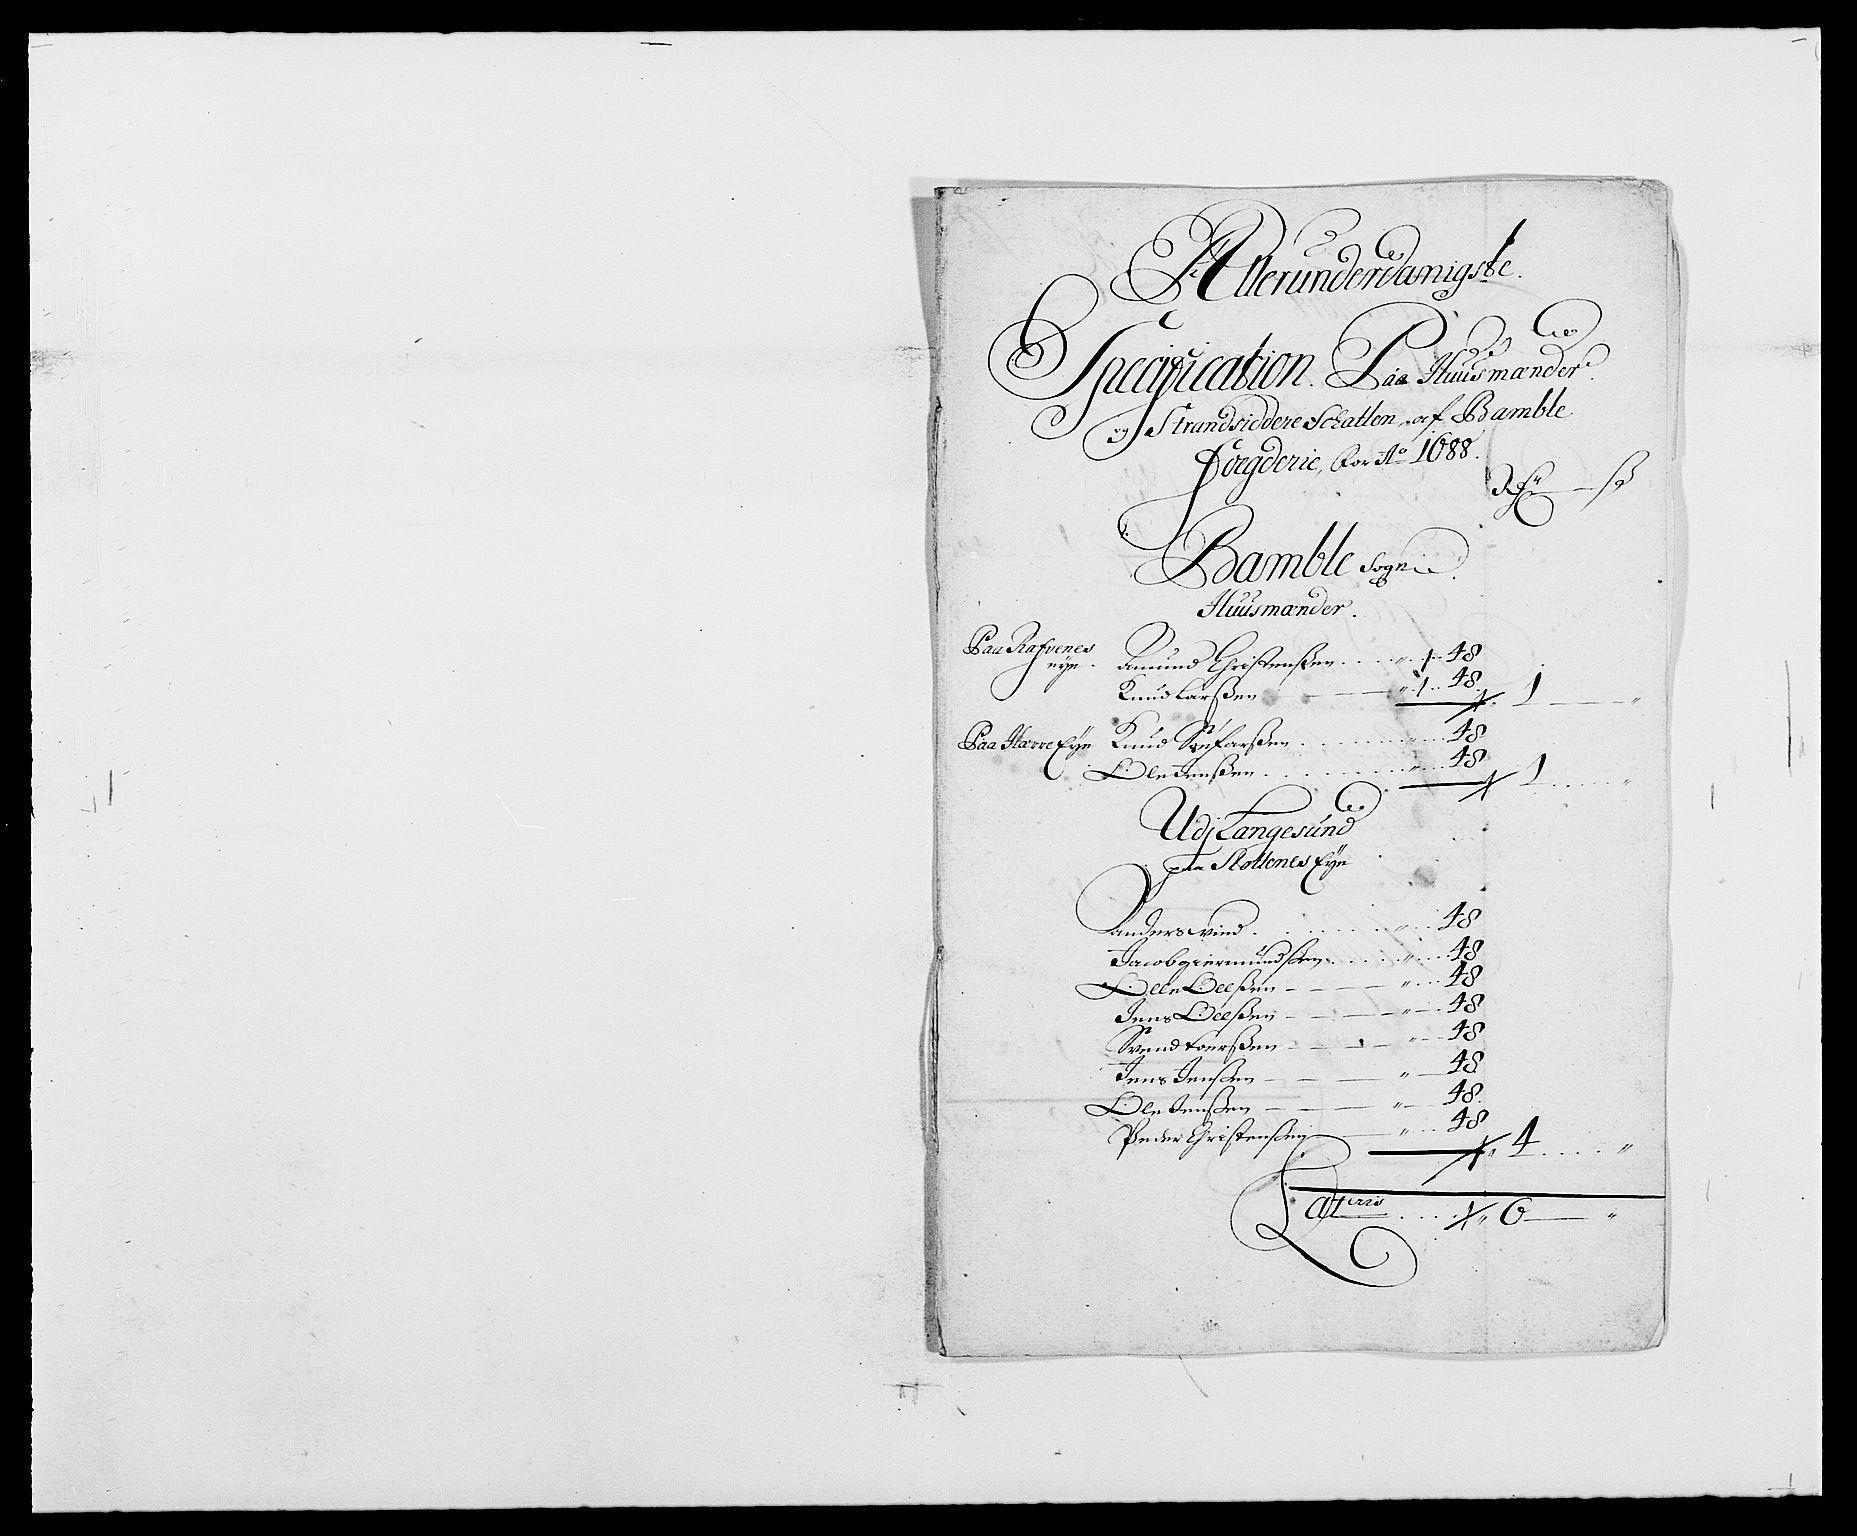 RA, Rentekammeret inntil 1814, Reviderte regnskaper, Fogderegnskap, R34/L2050: Fogderegnskap Bamble, 1688-1691, s. 120